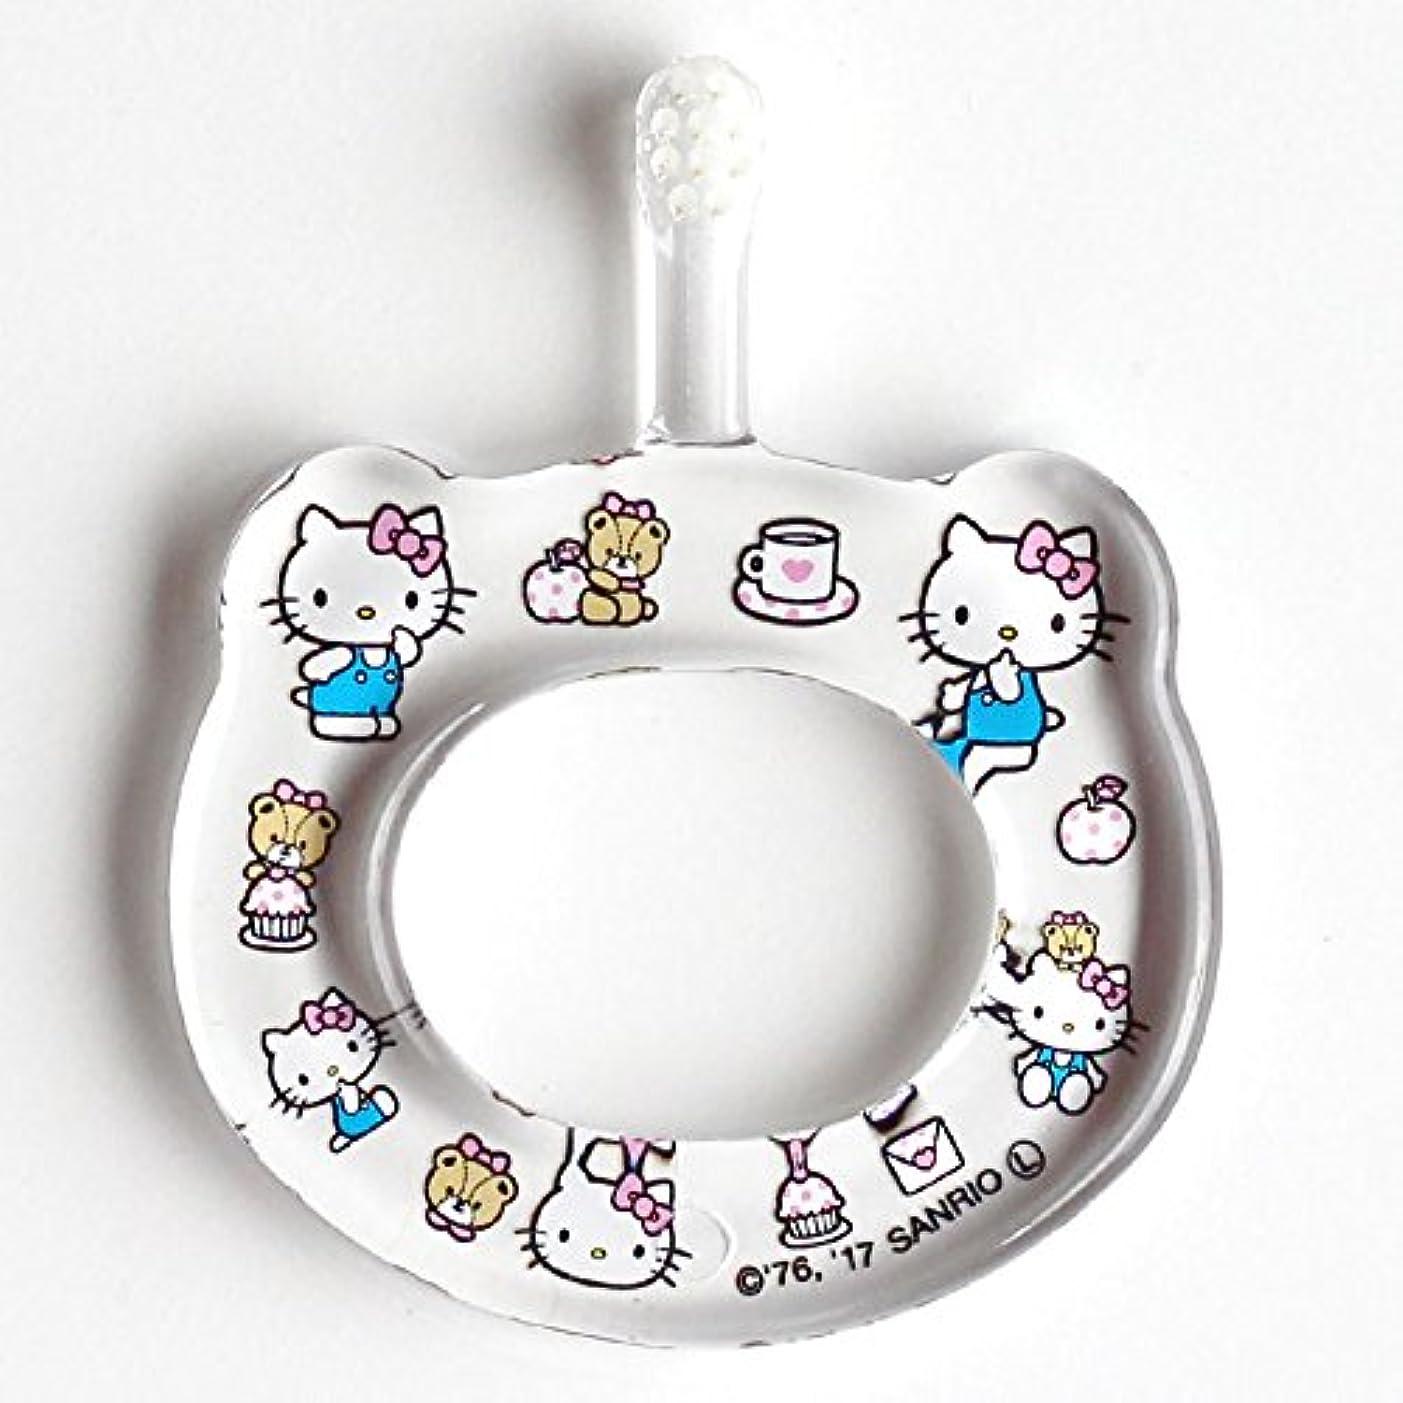 自分のあなたが良くなります抑制するHAMICO ベビー歯ブラシ(キャラクター限定商品) ワンサイズ ハローキティ 水玉